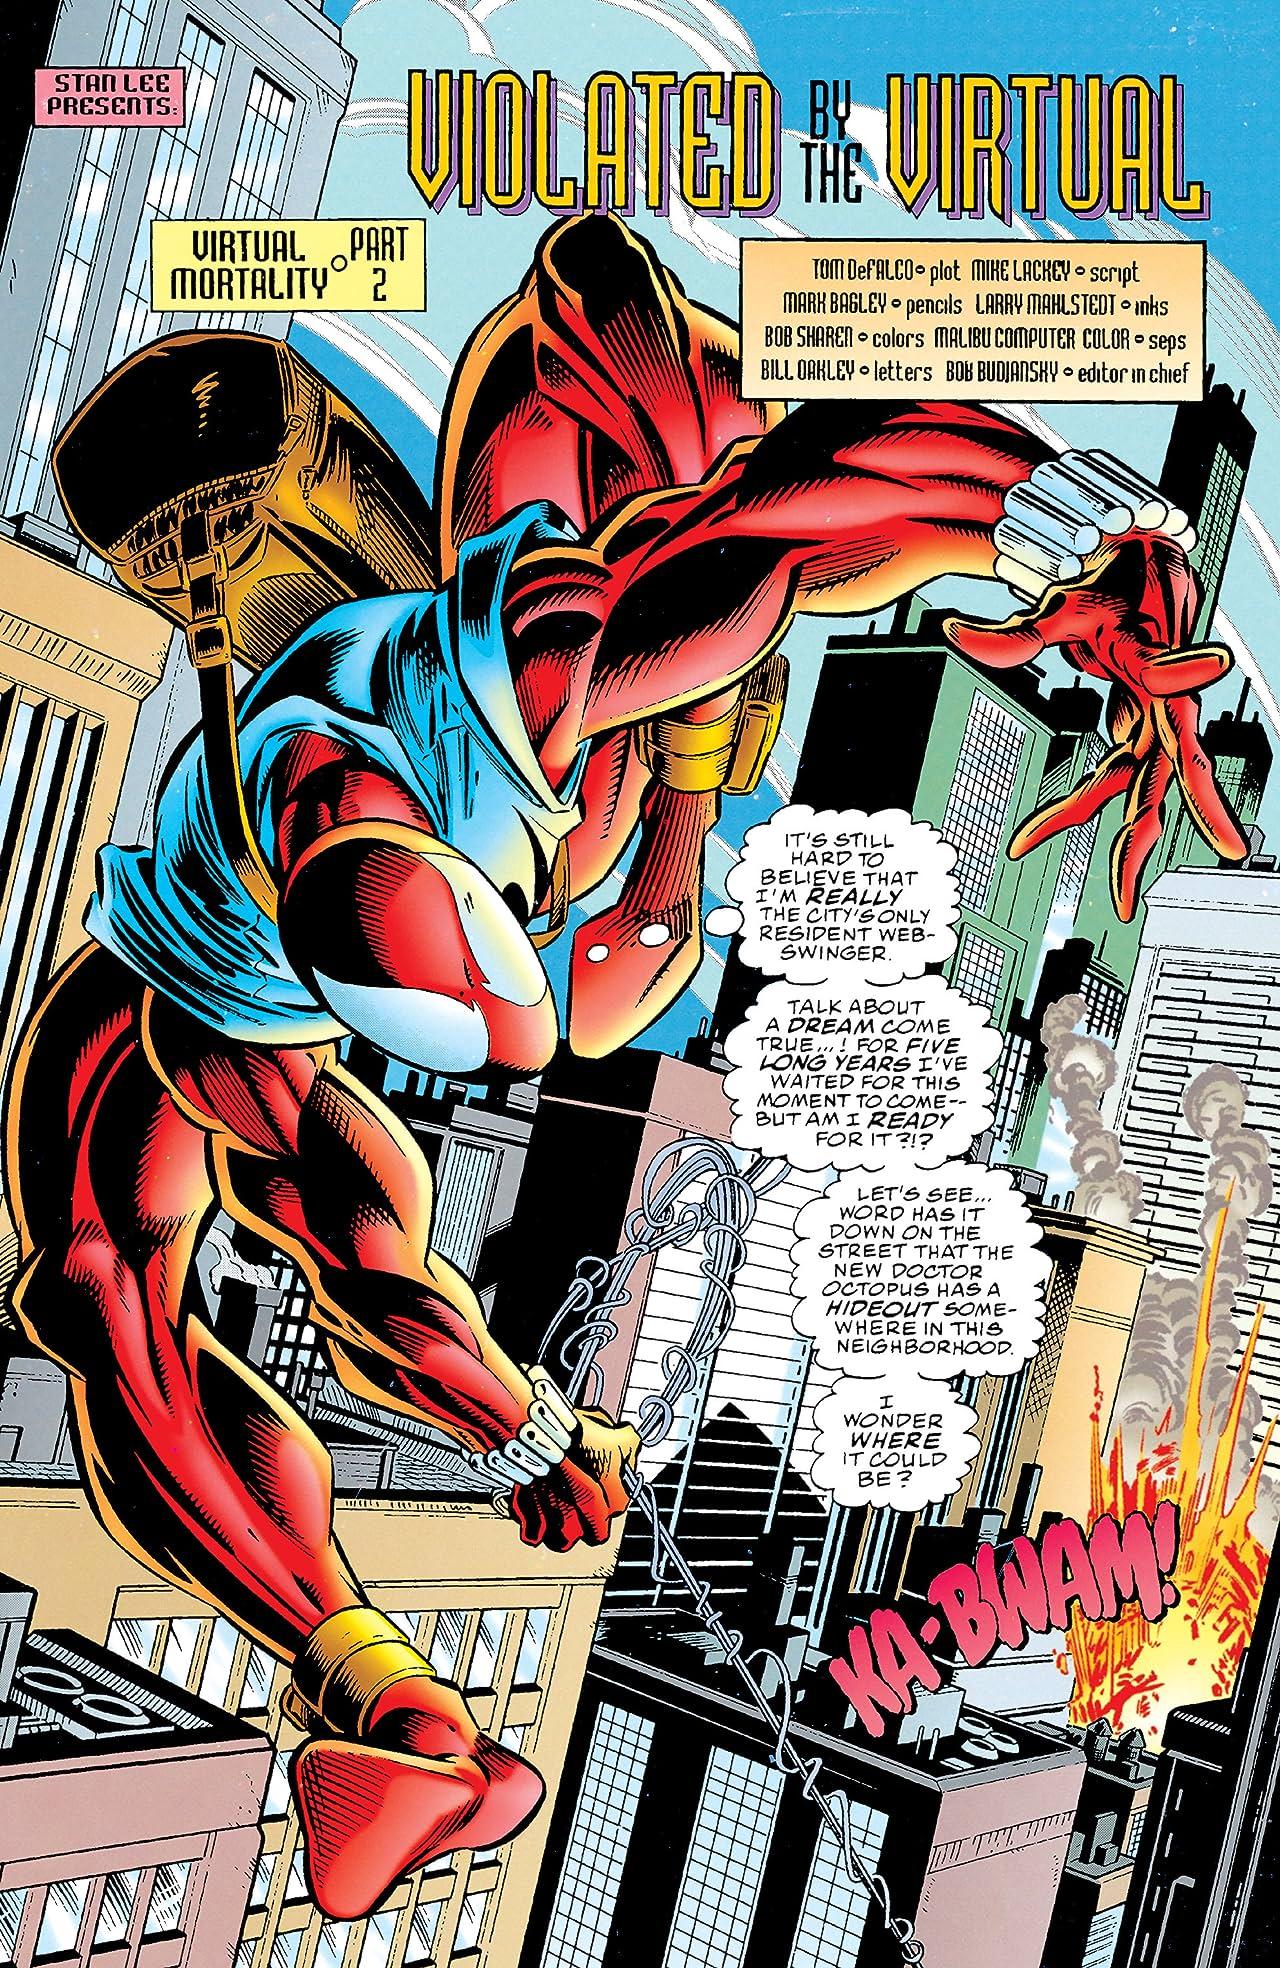 Amazing Scarlet Spider (1995) #1